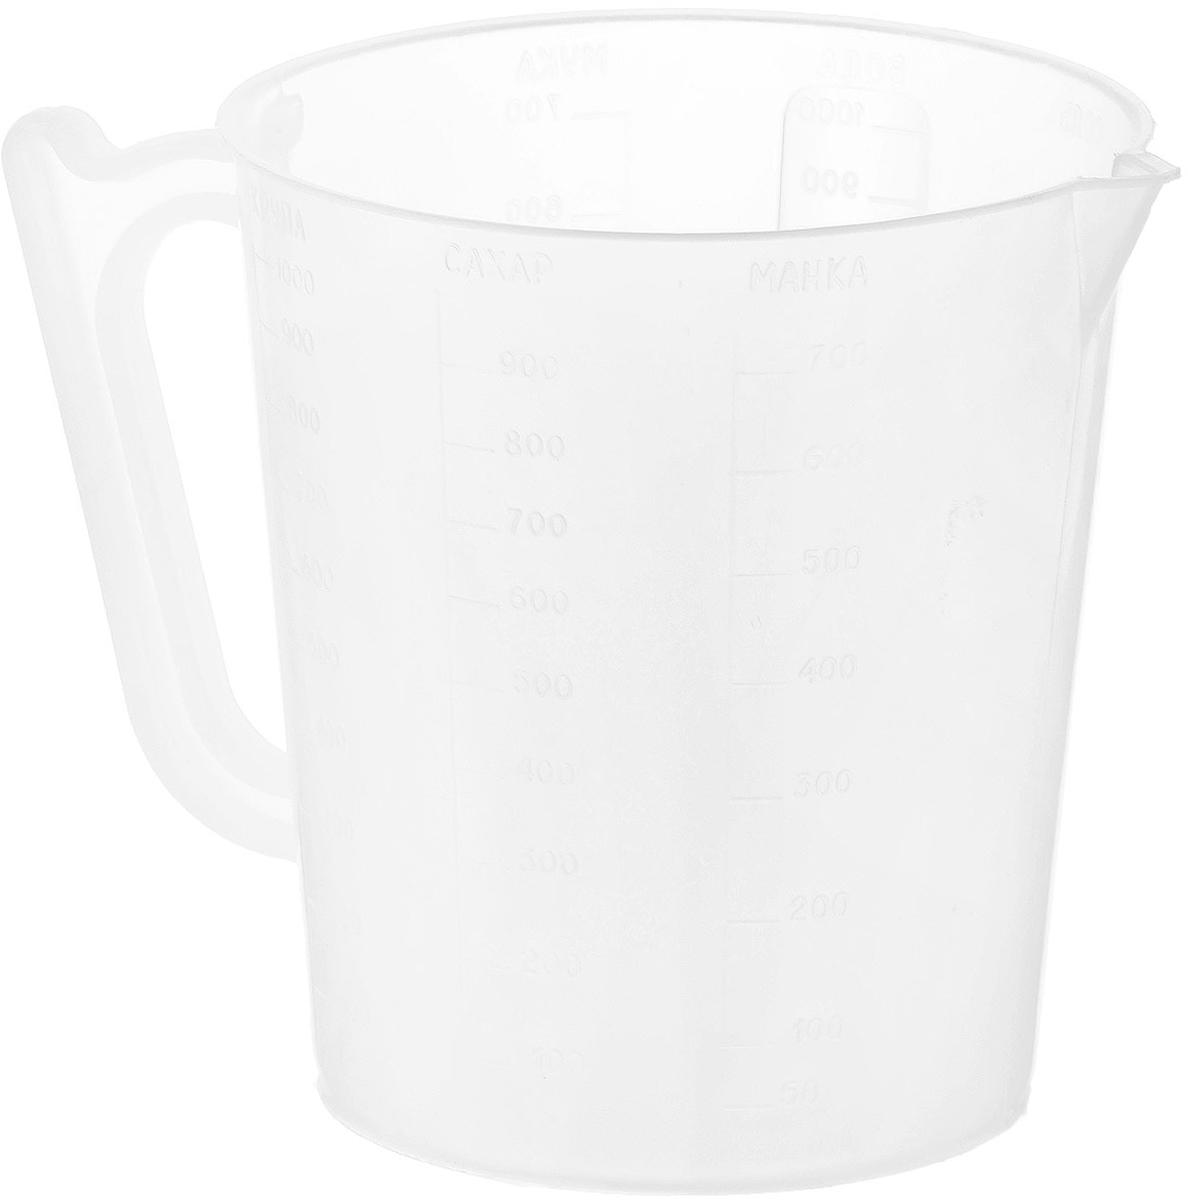 Мерный стакан Хозяюшка Мила, 1 л36014Мерный стакан Хозяюшка Мила, выполненный из плотного полипропилена, станет незаменимым аксессуаром на вашей кухне, ведь зачастую для приготовления блюд необходима точность. Стакан имеет удобную ручку и носик, которые делают изделие еще более простым в использовании. Стакан позволяет мерить жидкости до 1000 мл.Диаметр стакана по верхнему краю: 12 см.Высота стакана: 13,5 см.Не рекомендуется мыть стакан в посудомоечной машине.